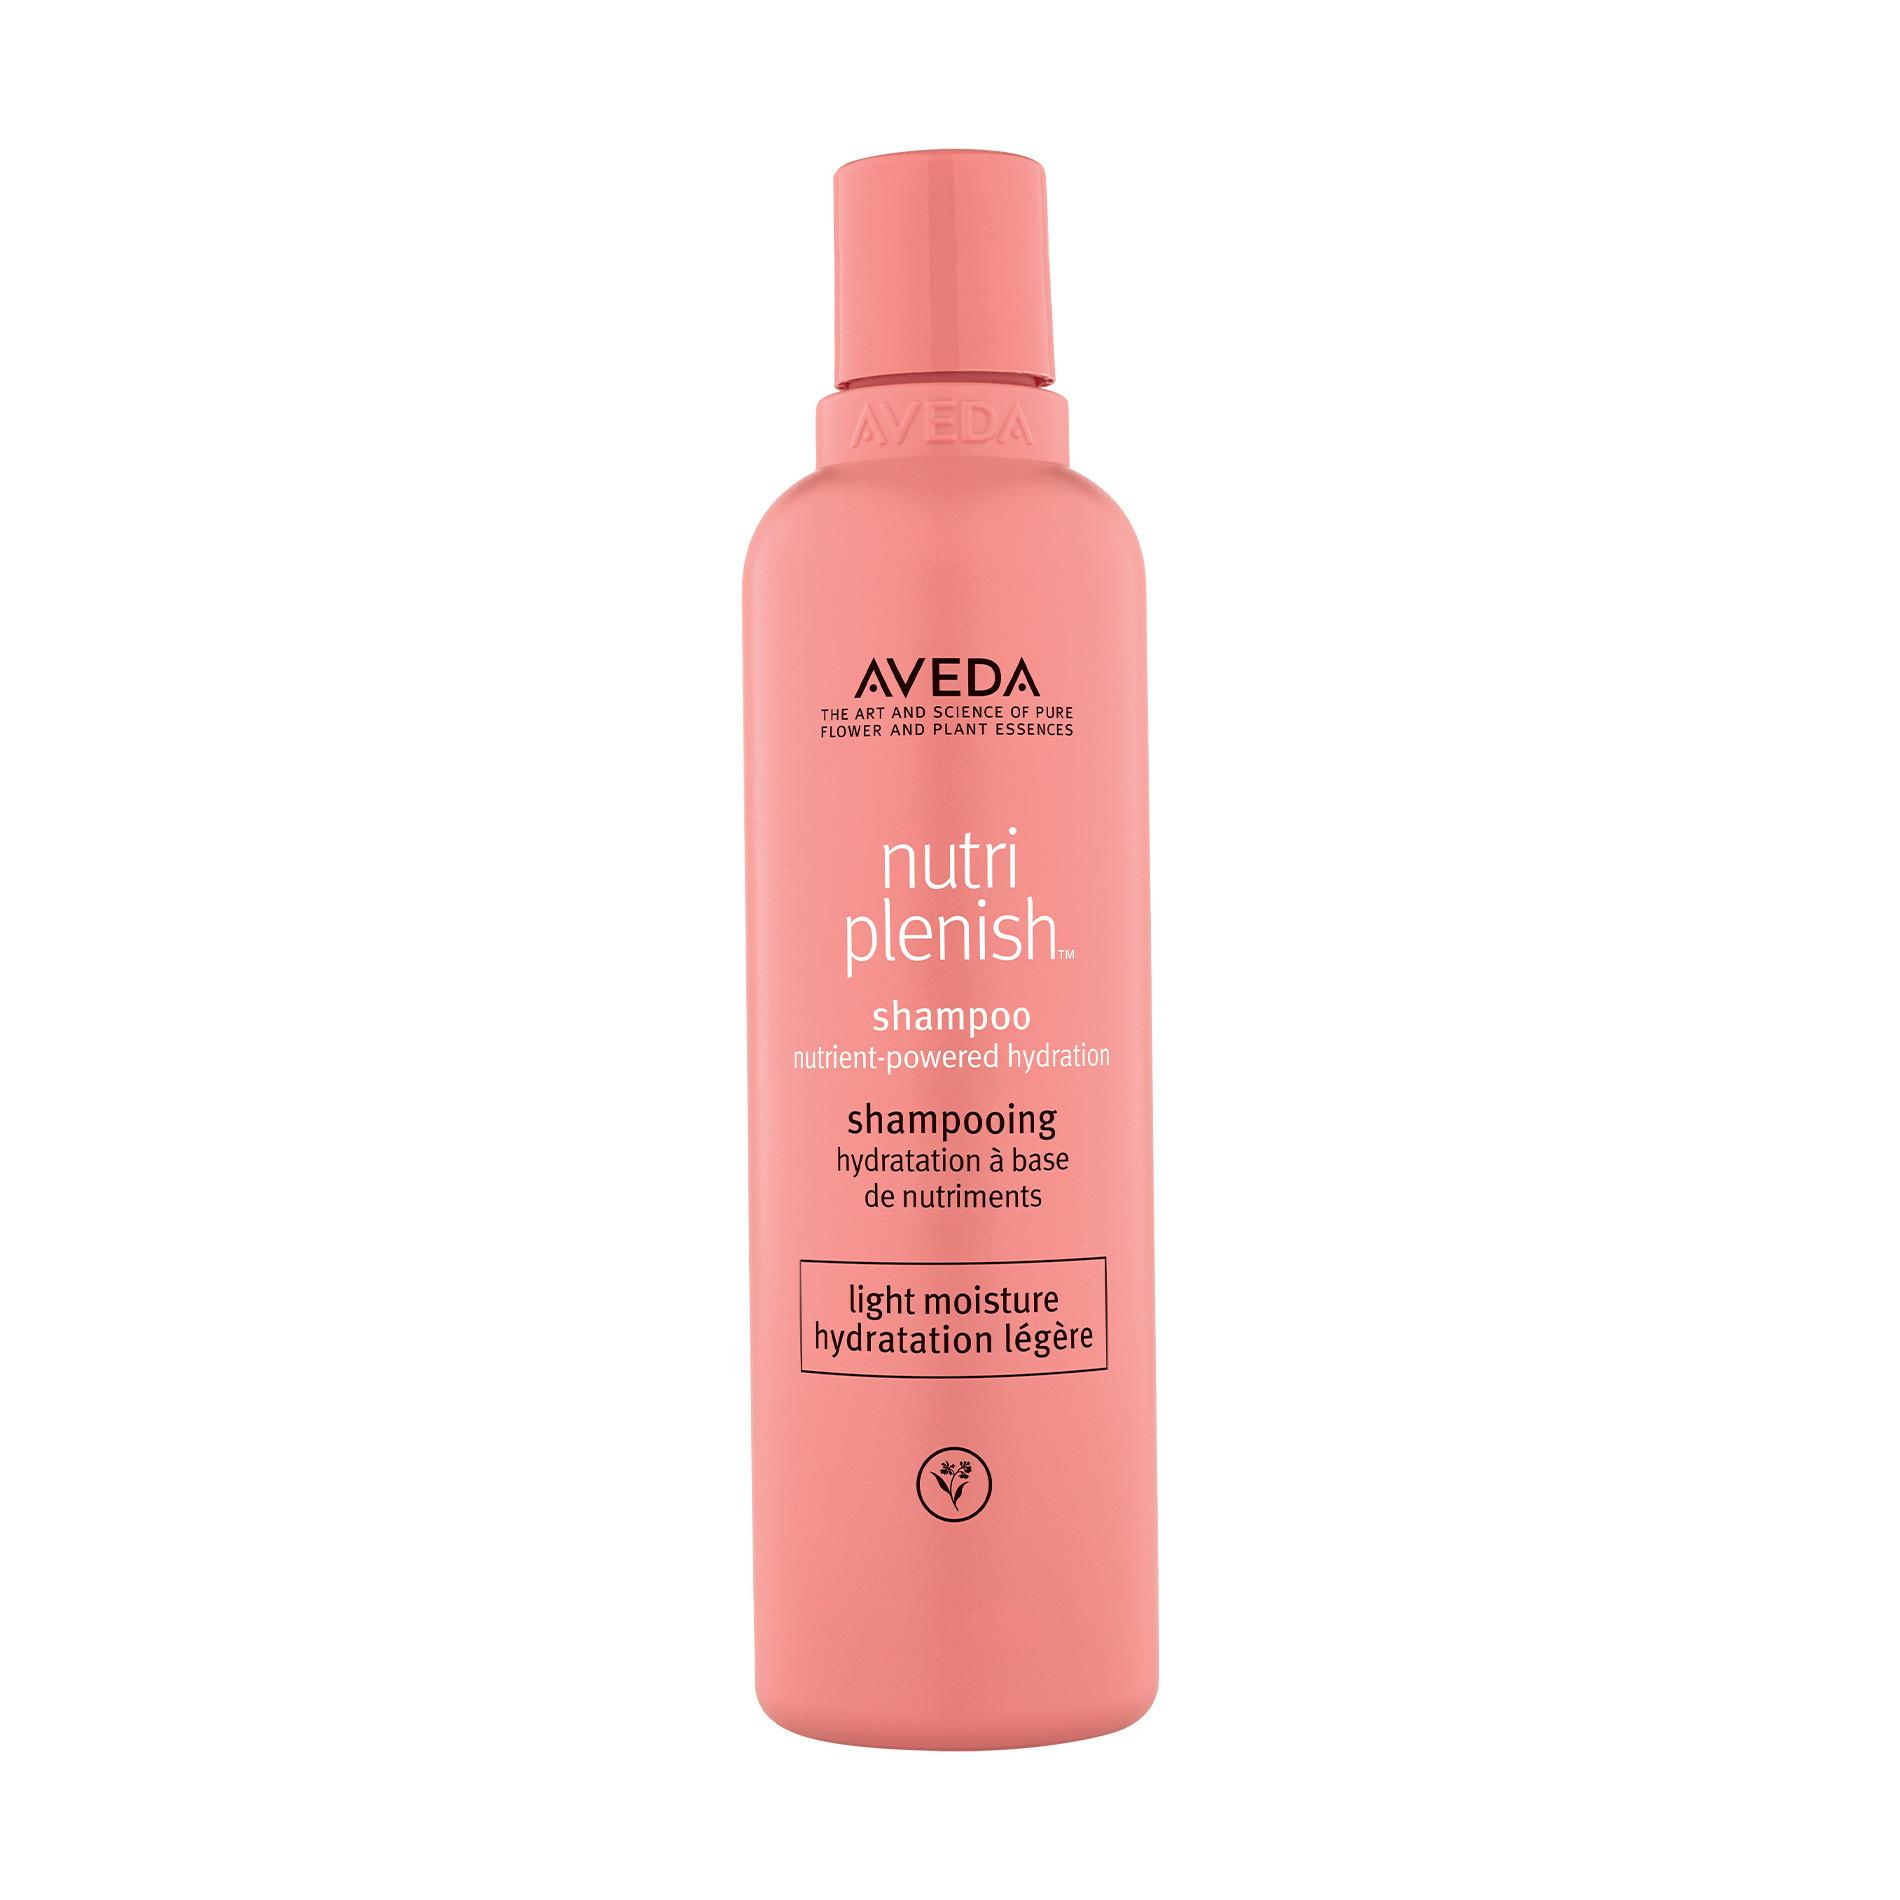 Aveda nutriplenish - shampoo idratante 250 ml, Rosa, large image number 0